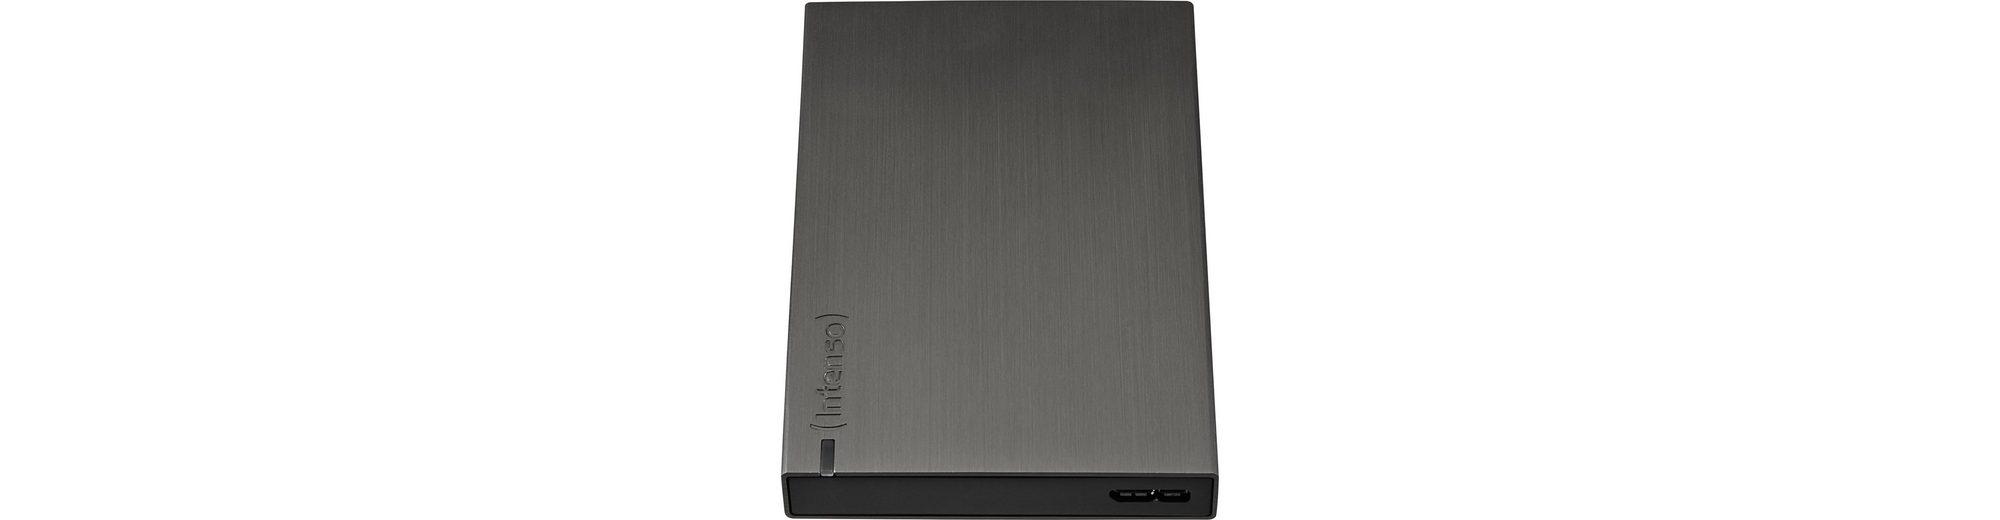 Intenso Festplatte »Memory Board 1 TB«